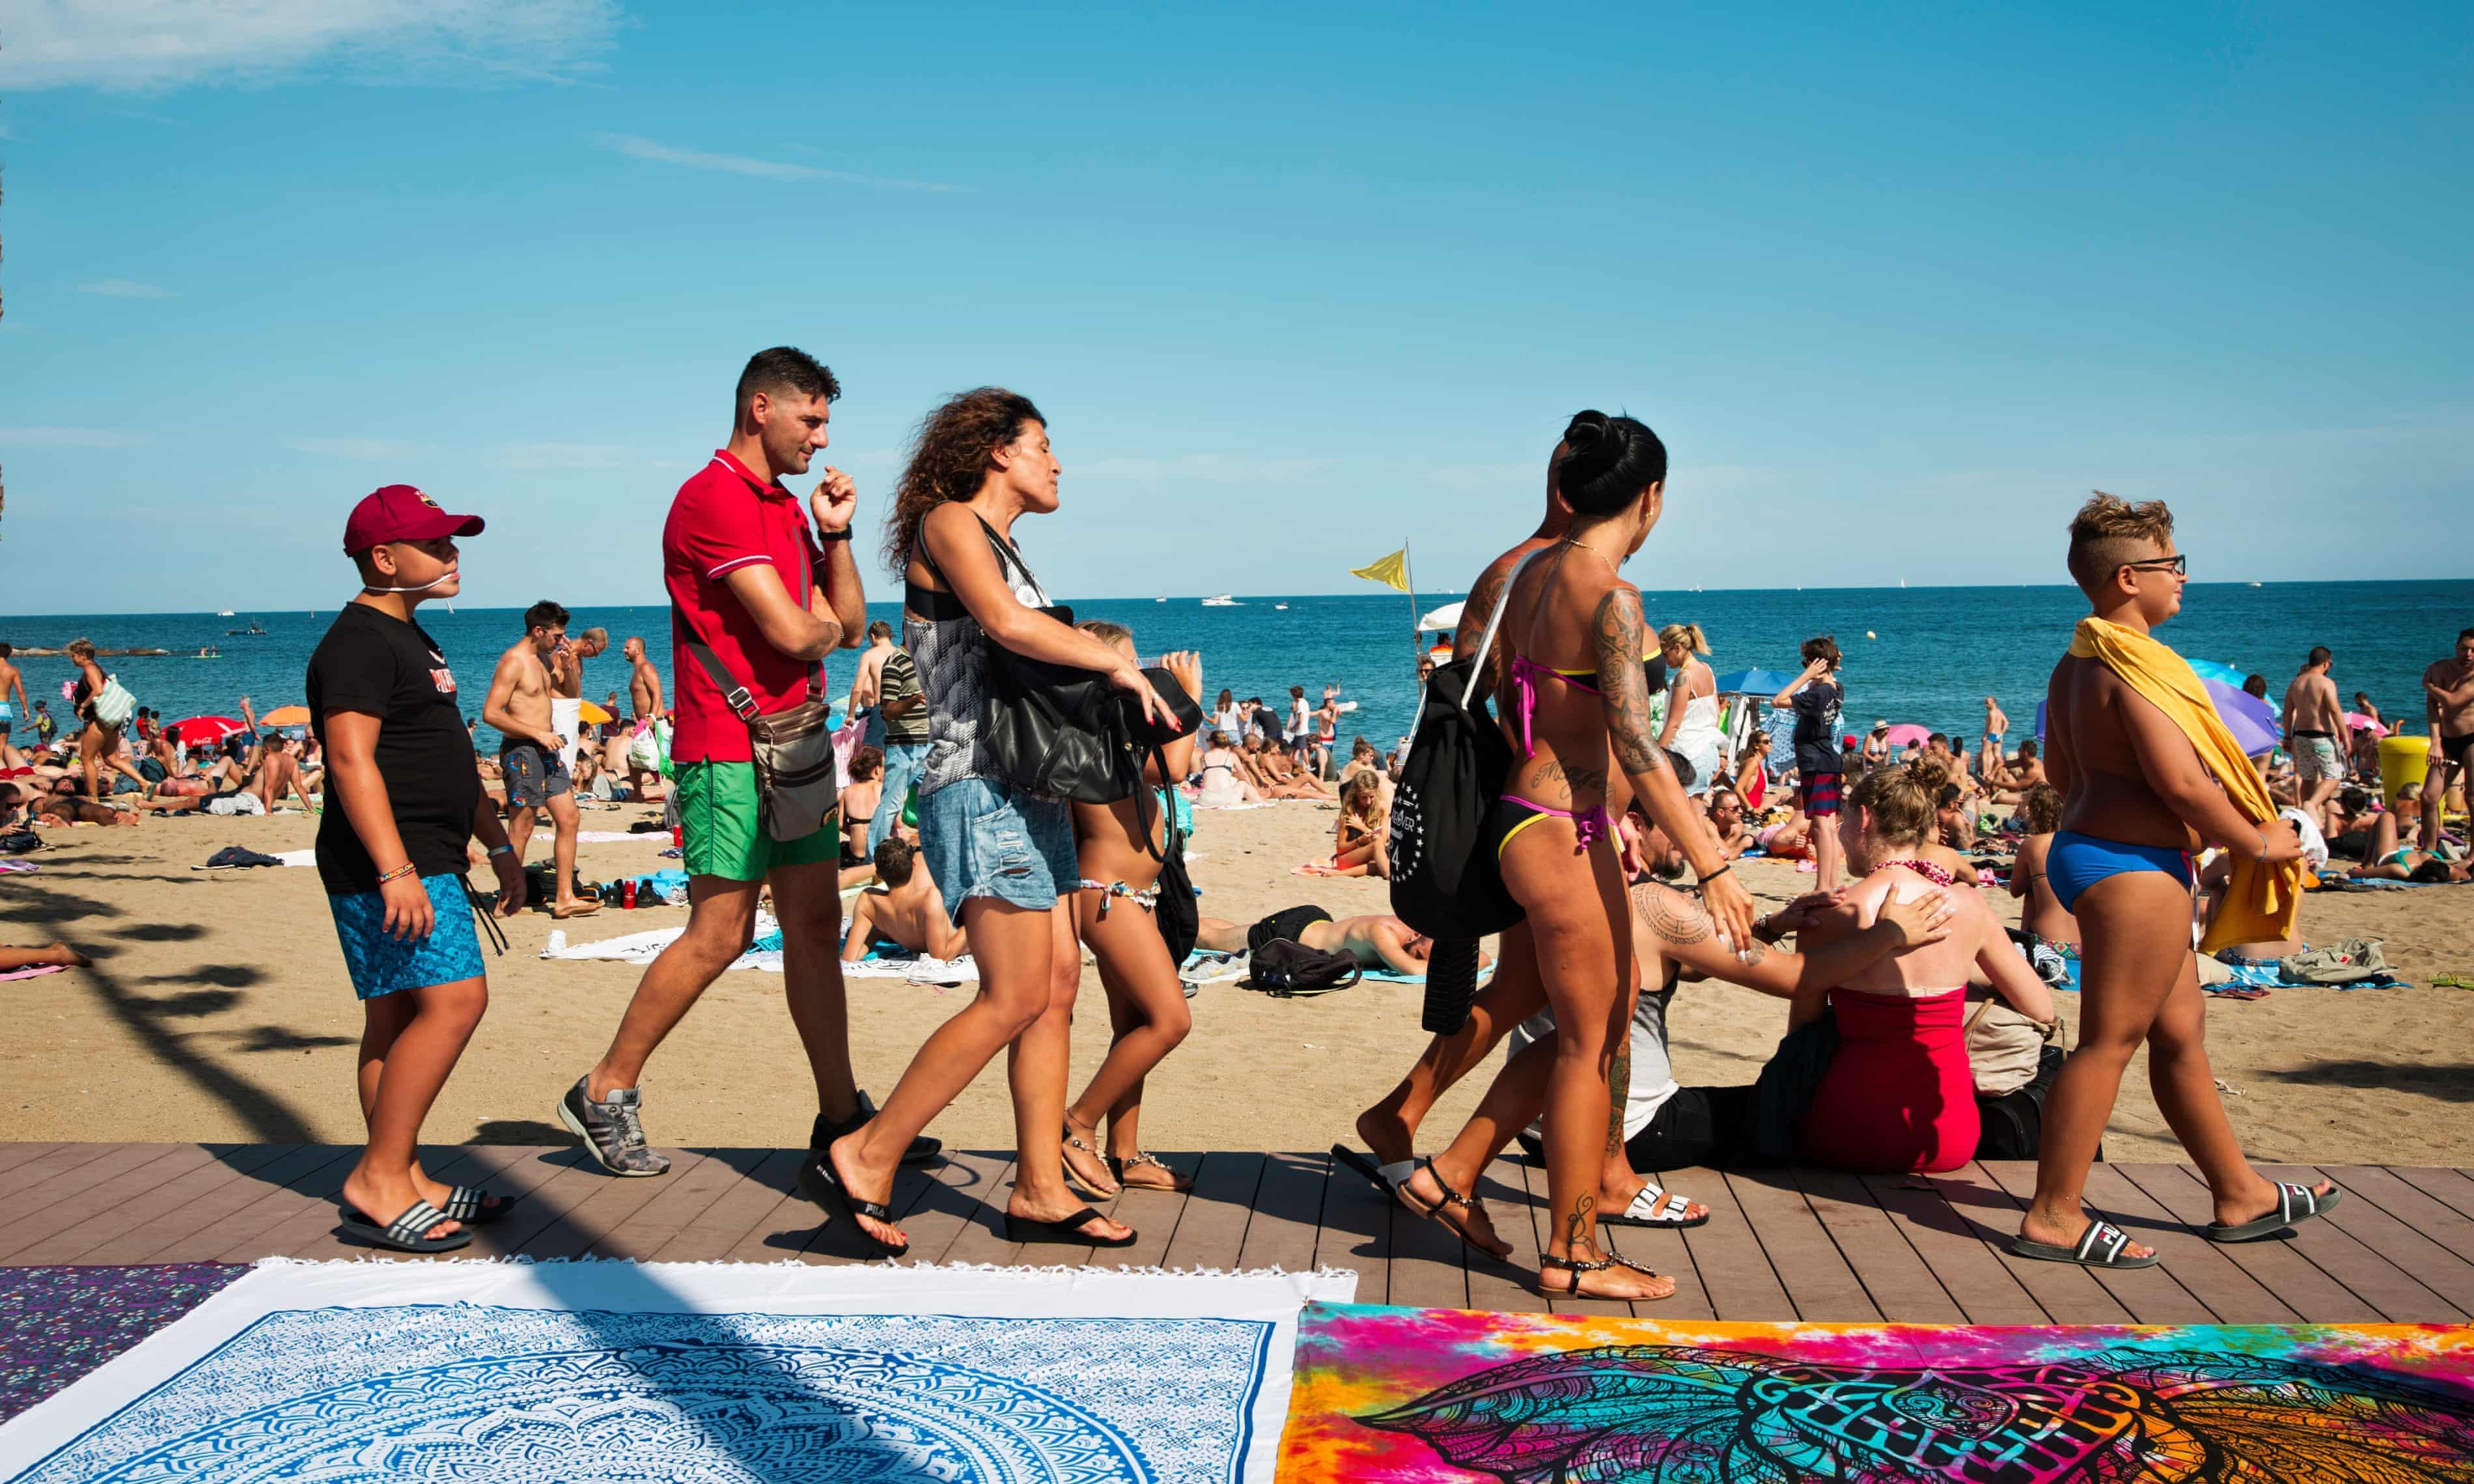 Lý do dân Barcelona coi khách du lịch như khủng bố Ảnh 12